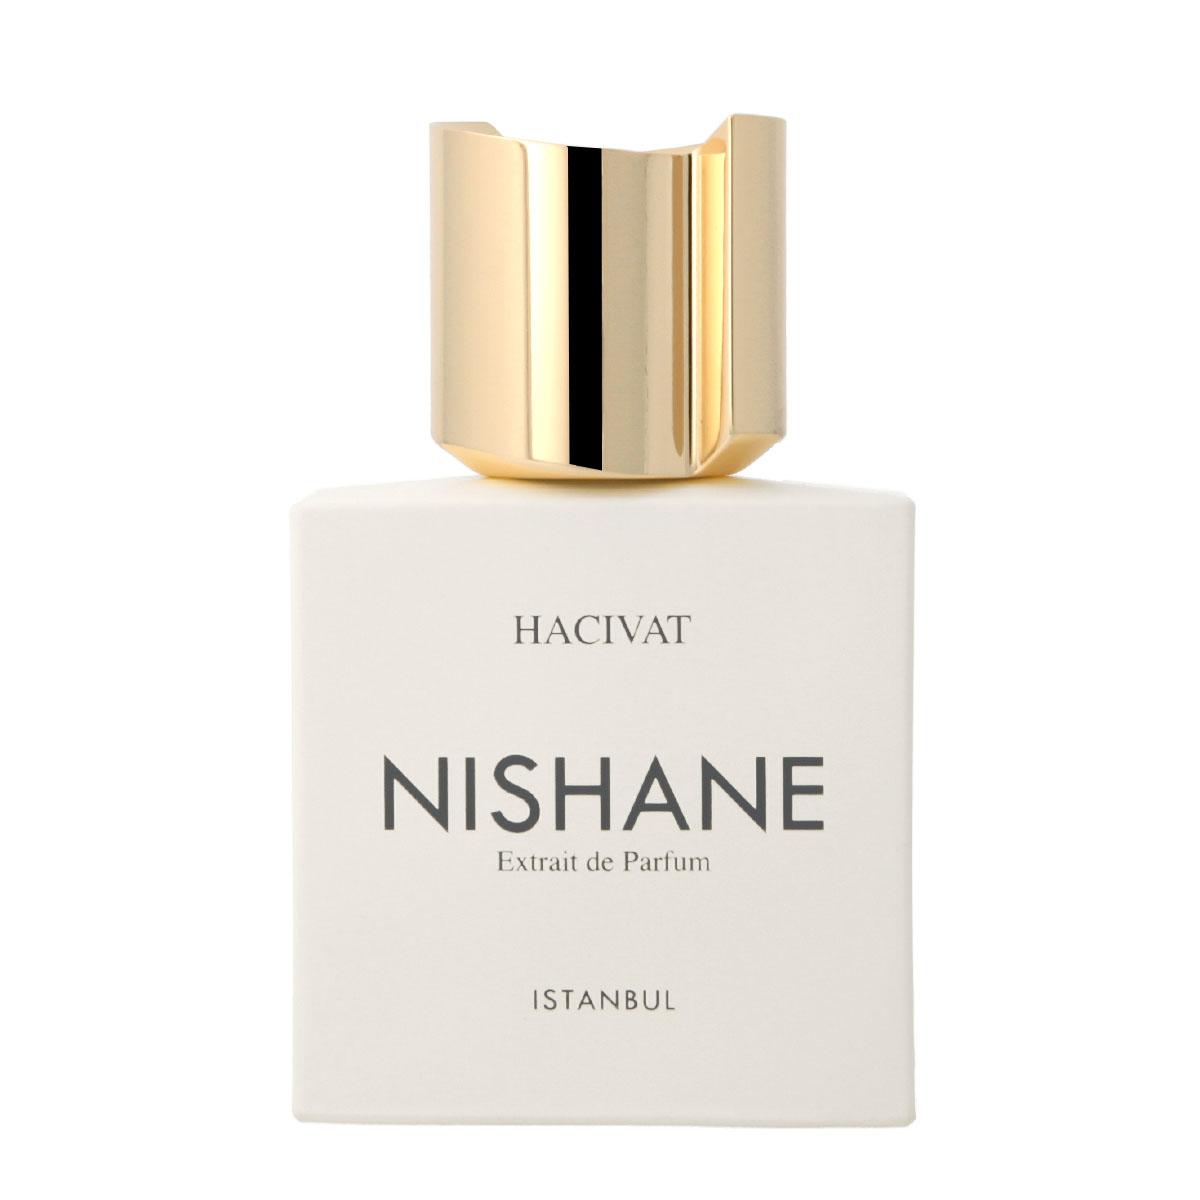 Nishane Hacivat Extrait de Parfum unisex 50ml